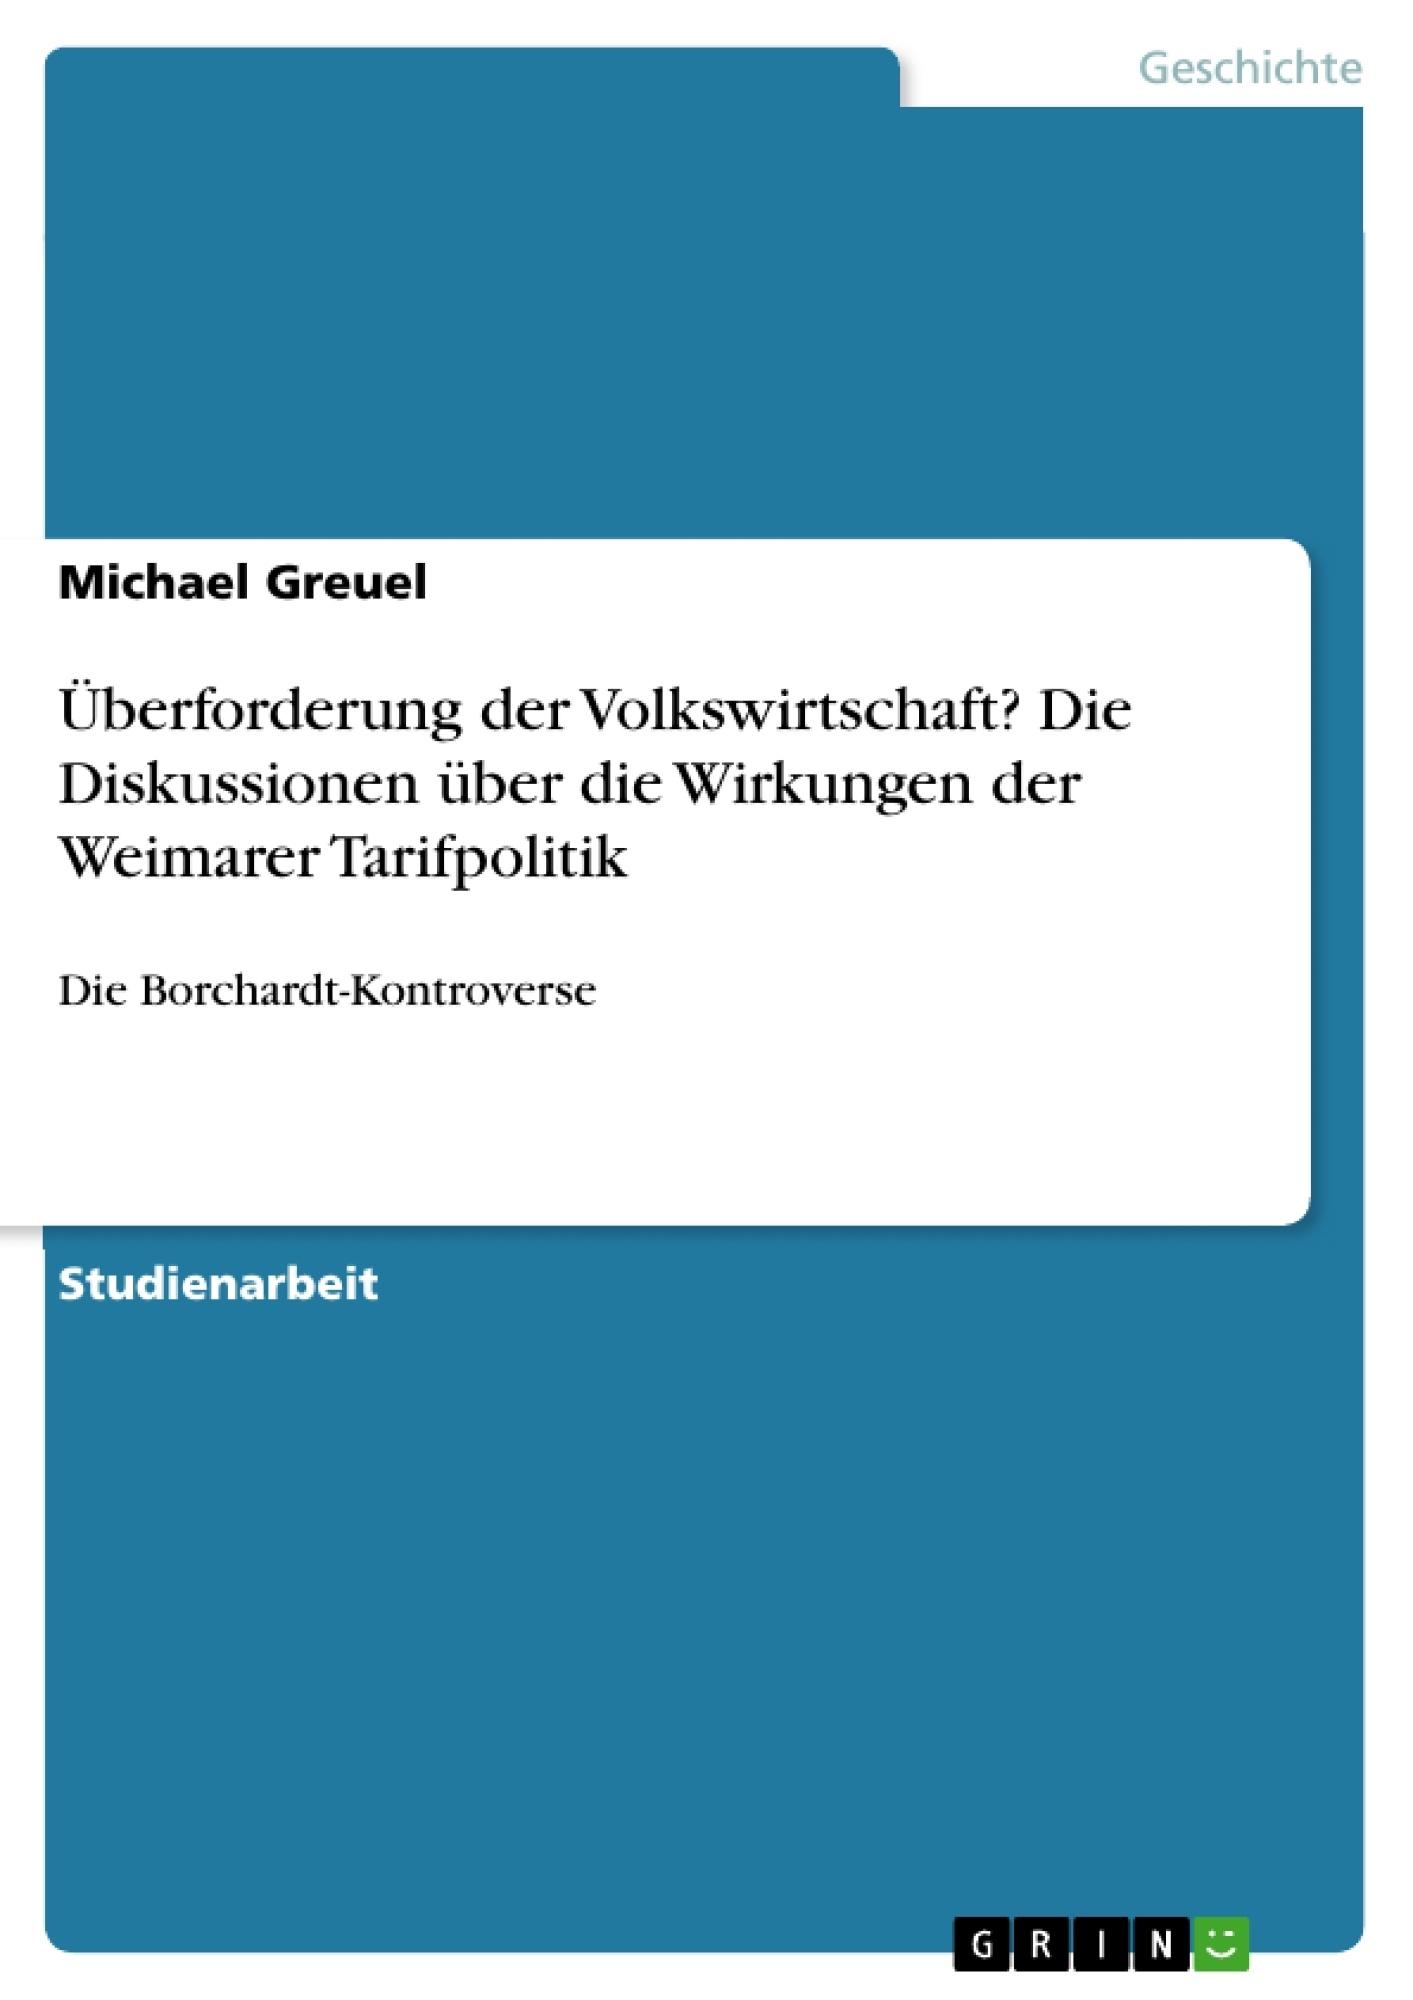 Titel: Überforderung der Volkswirtschaft? Die Diskussionen über die Wirkungen der Weimarer Tarifpolitik